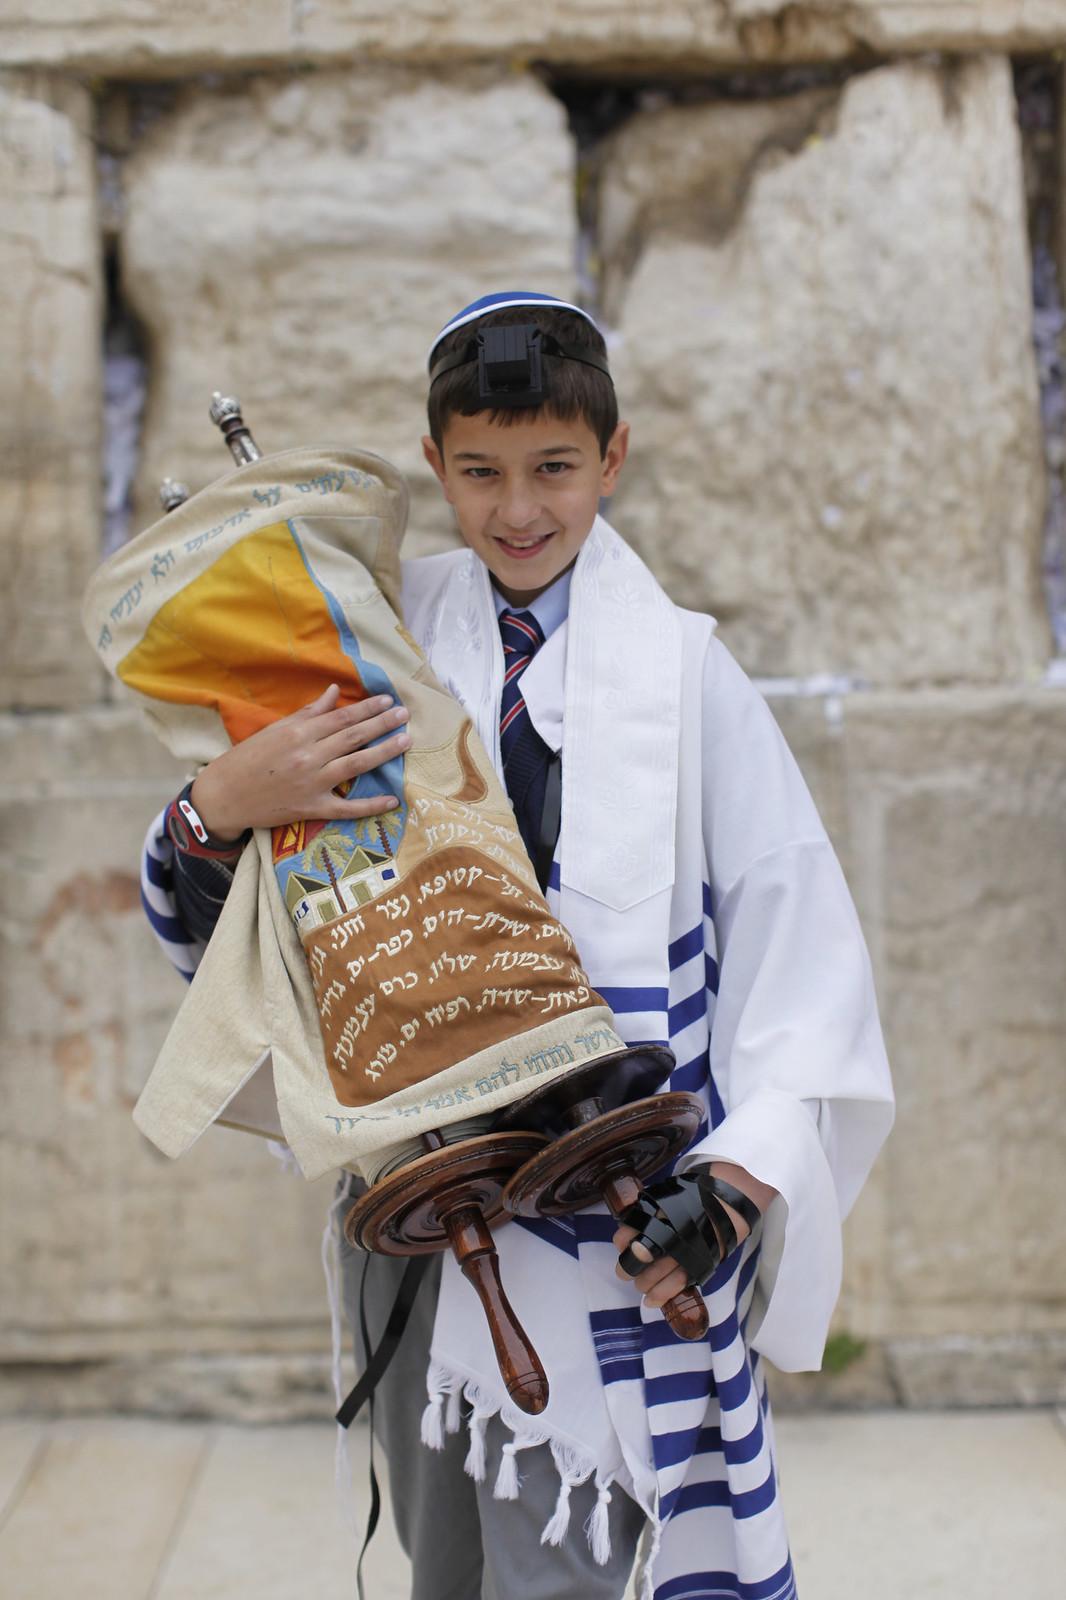 Bar Mitzvah 13_Jerusalem_9720_Yonatan Sindel_Flash 90_IMOT